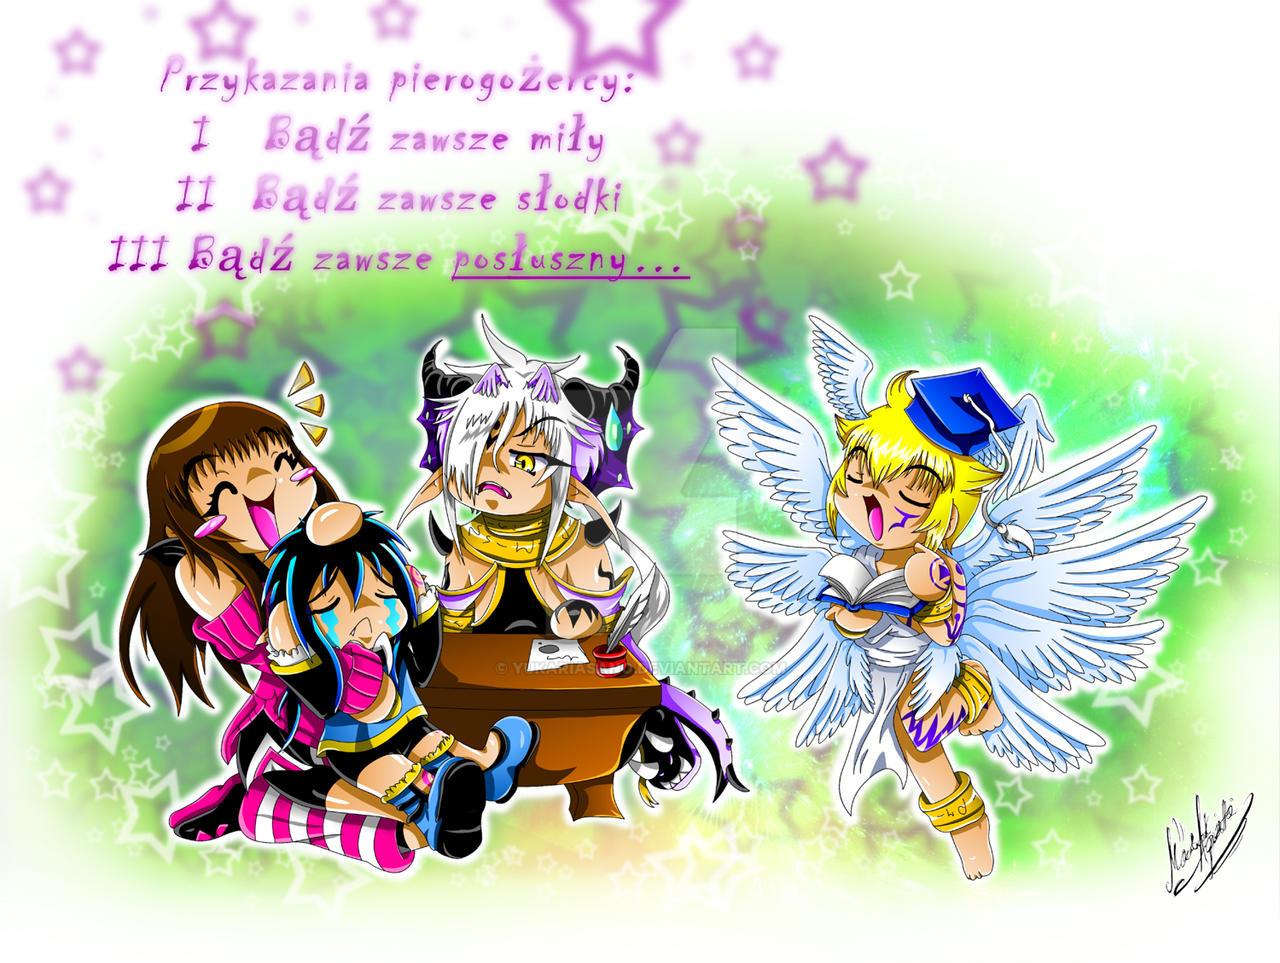 Przykazania Pierogozercy by YukariAsano